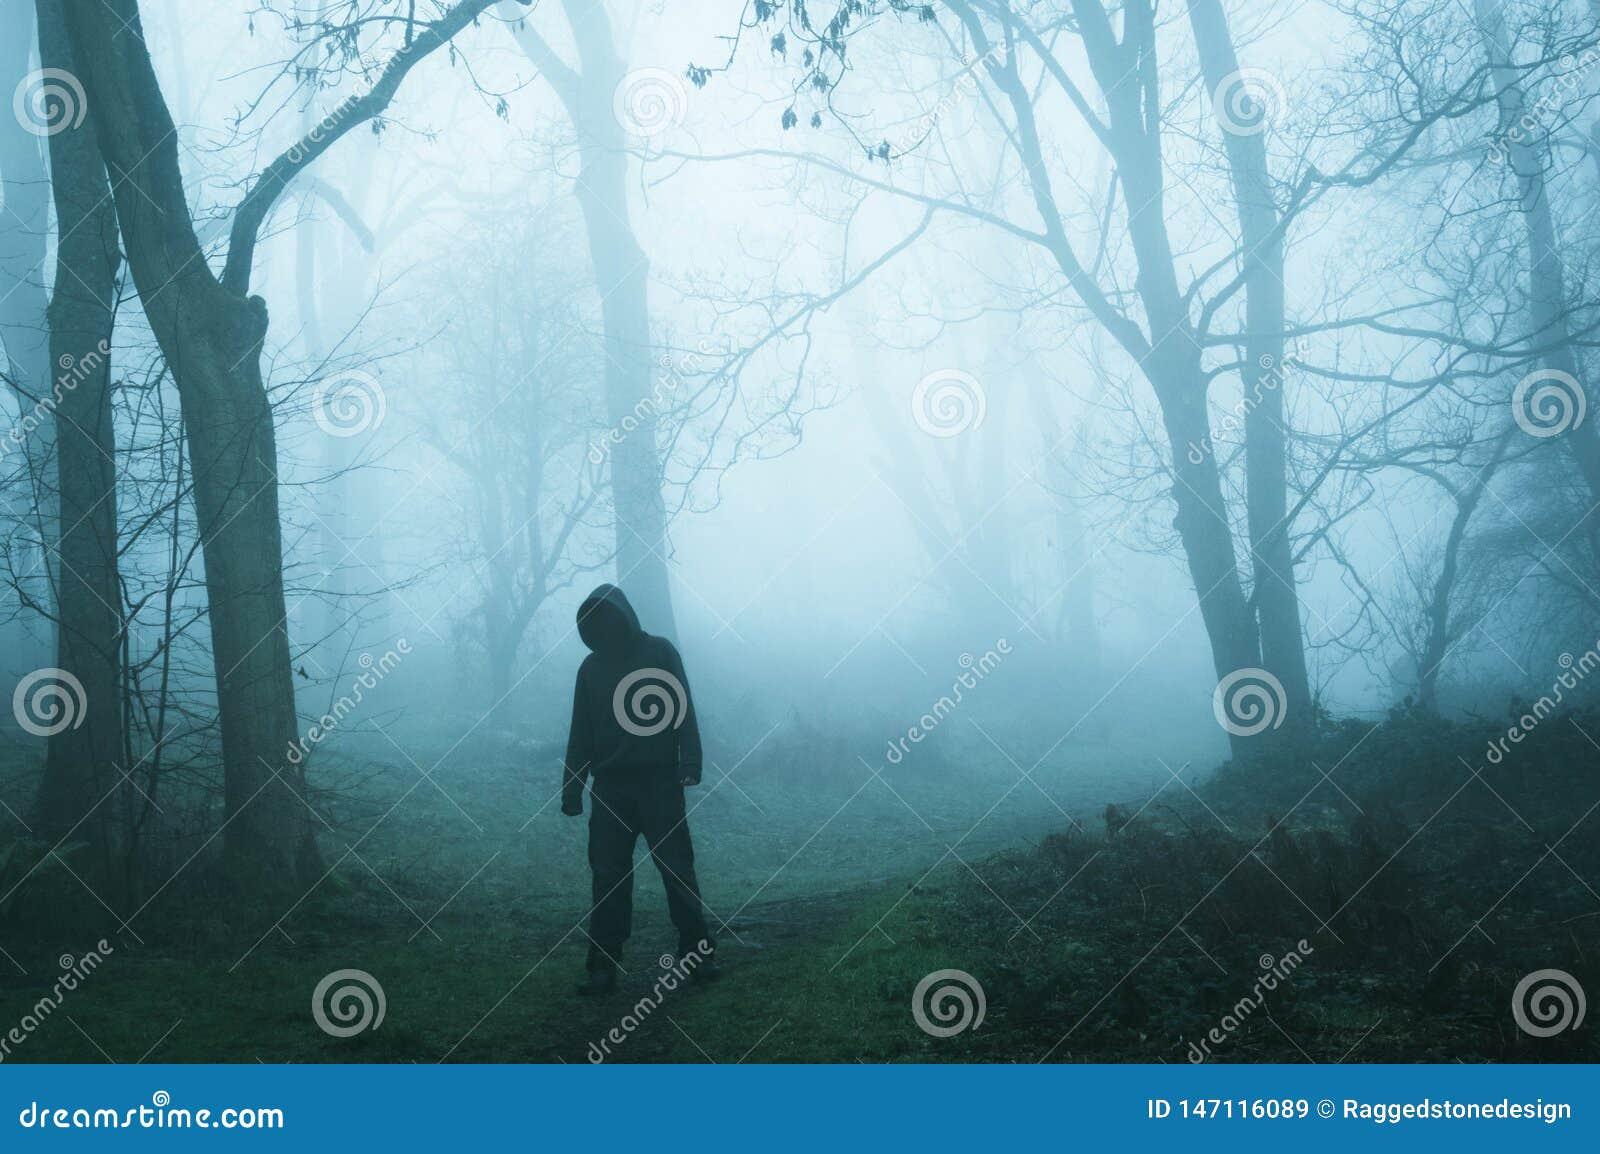 Een concept geeft van een angstaanjagend griezelig cijfer zonder een gezicht uit, die zich in een mistig de wintersbos bevinden